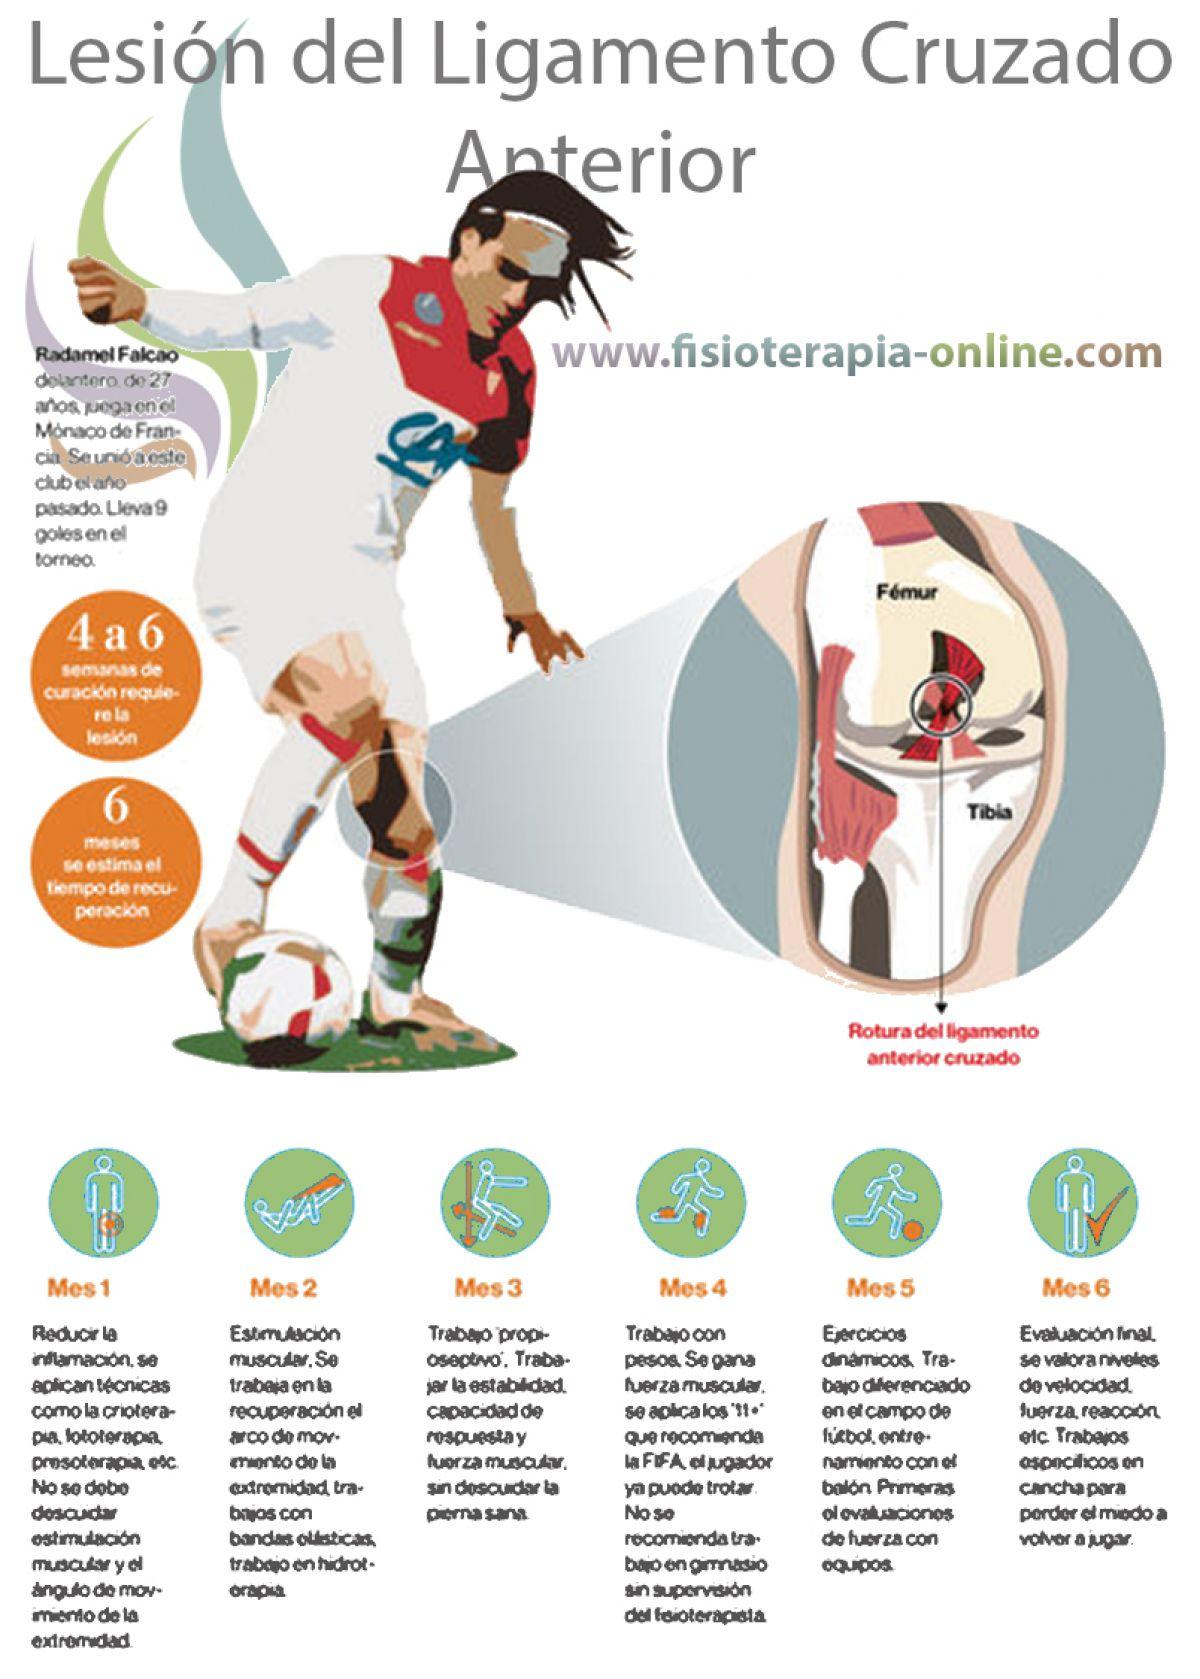 El castigo del futbolista, conoce todos los detalles sobre la lesión de ligamento cruzado de la rodilla